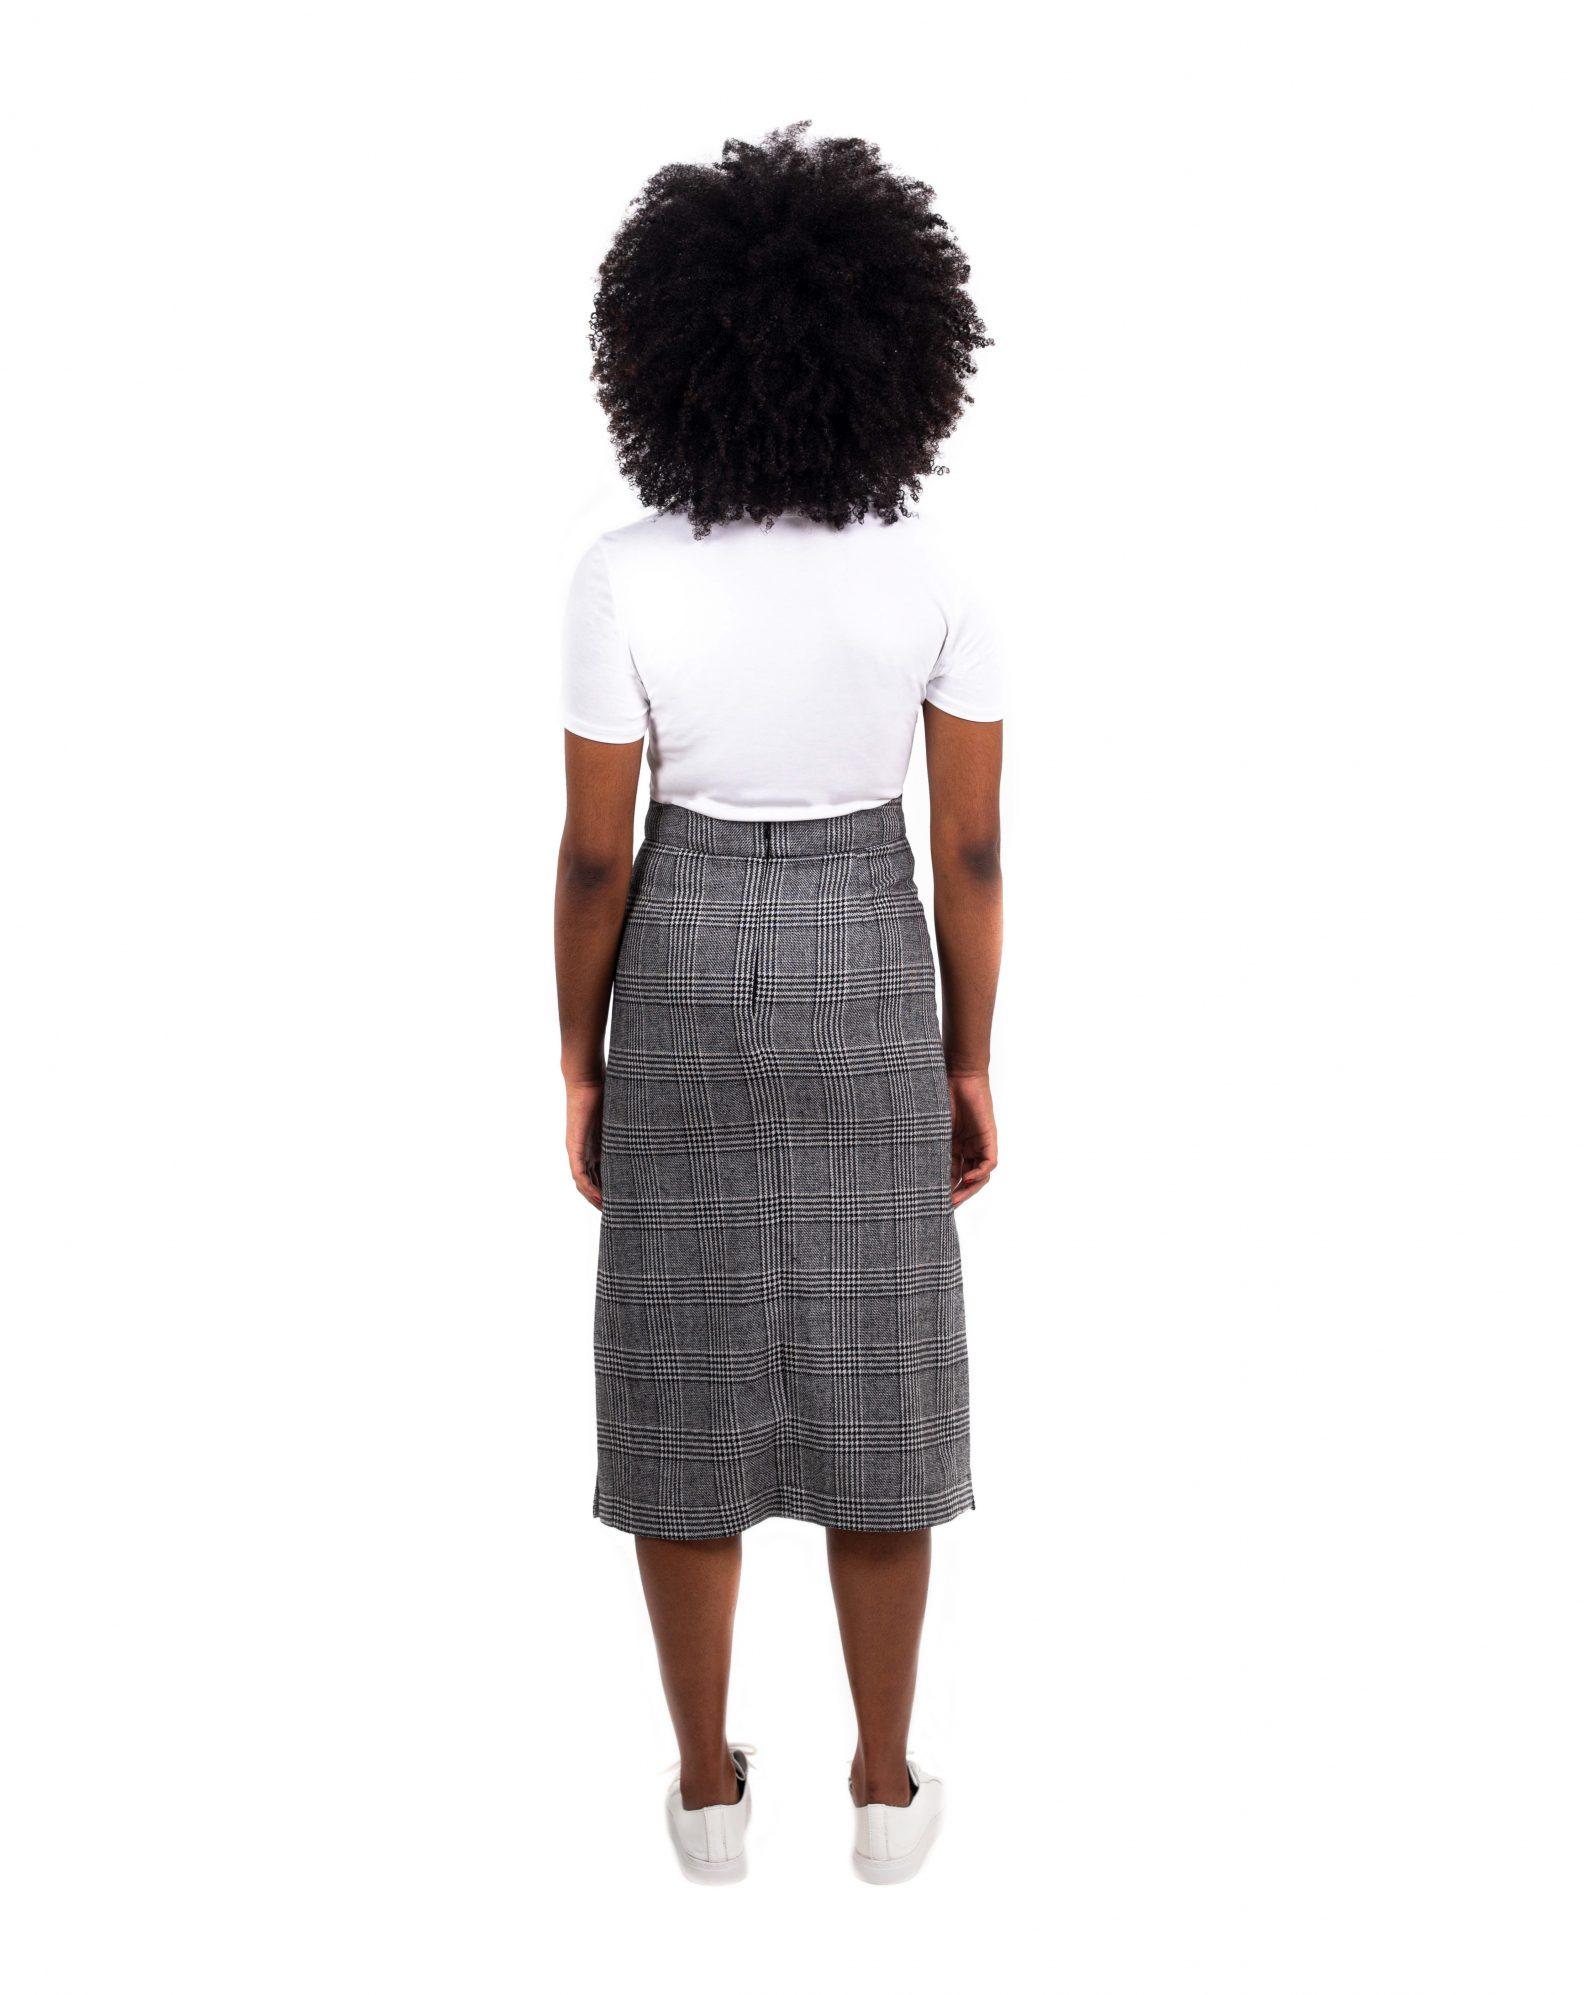 jupe-tube-pied-de-poule-taille-haute-charms-affaires-etrangeres-pencil-skirt